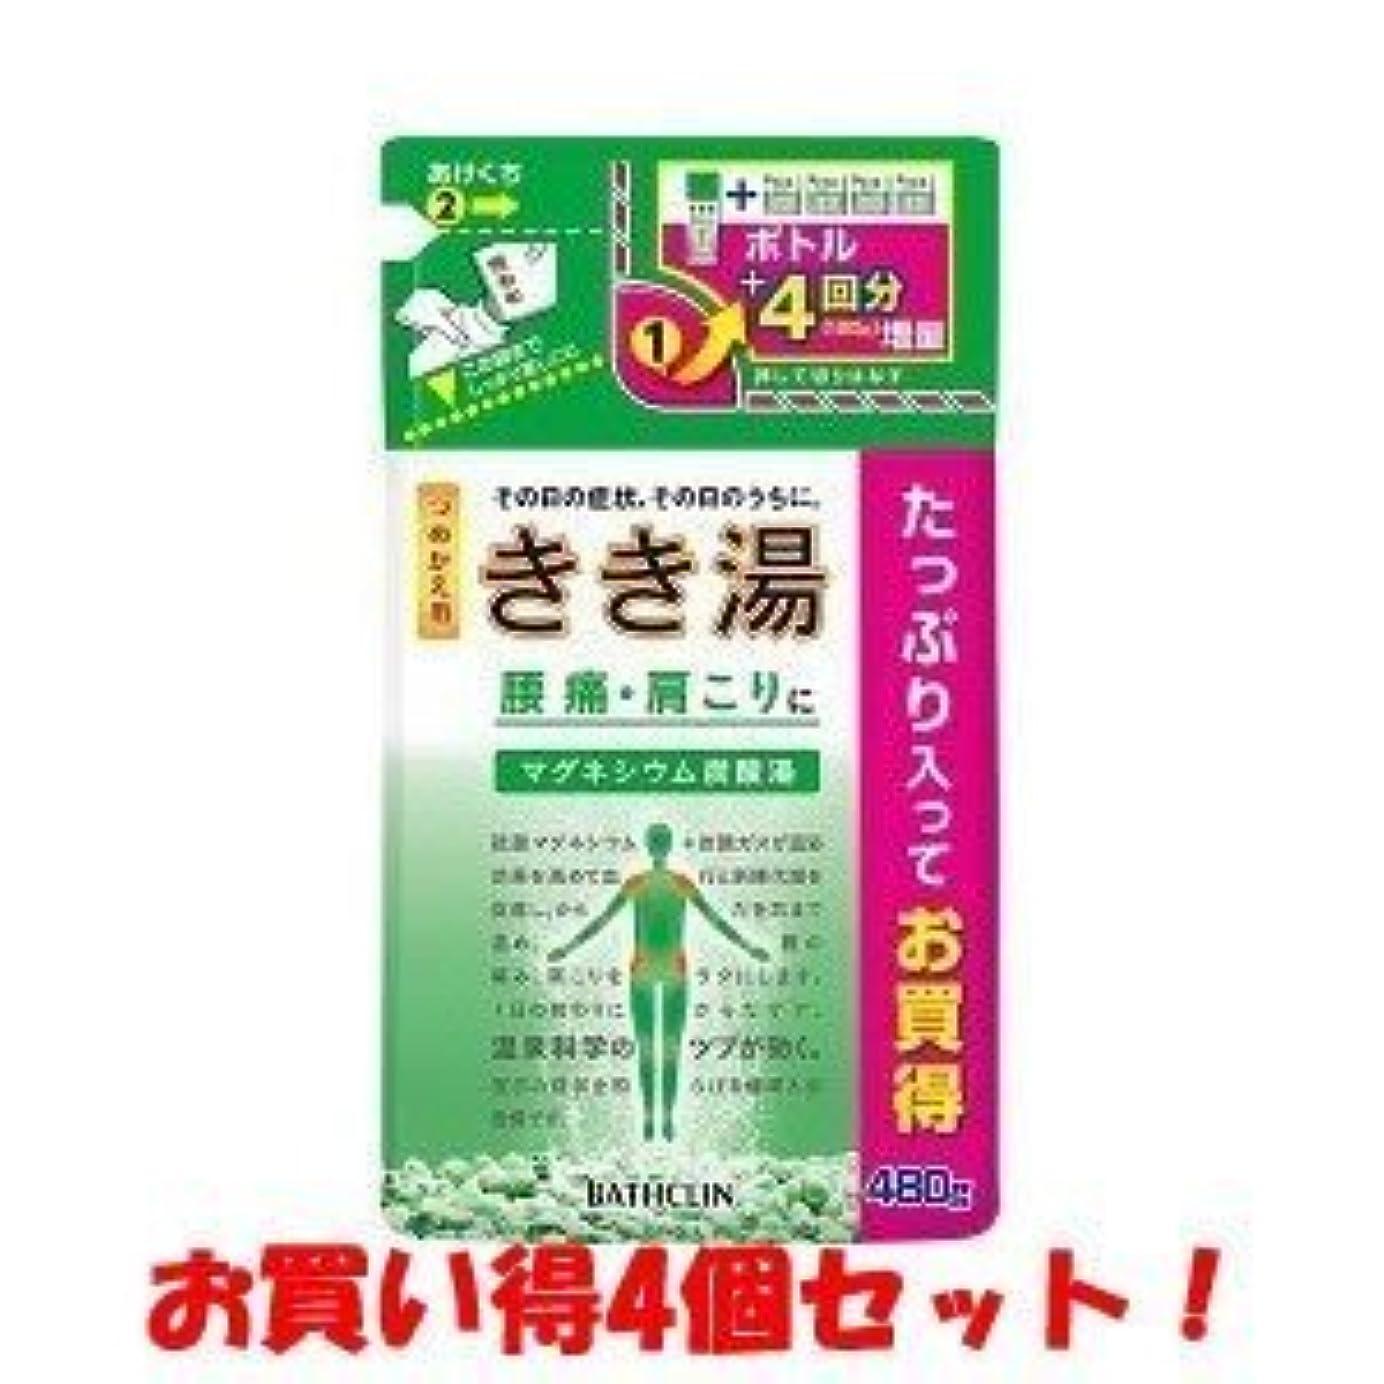 (バスクリン)きき湯 マグネシウム炭酸湯 つめかえ用 480g(医薬部外品)(お買い得4個セット)